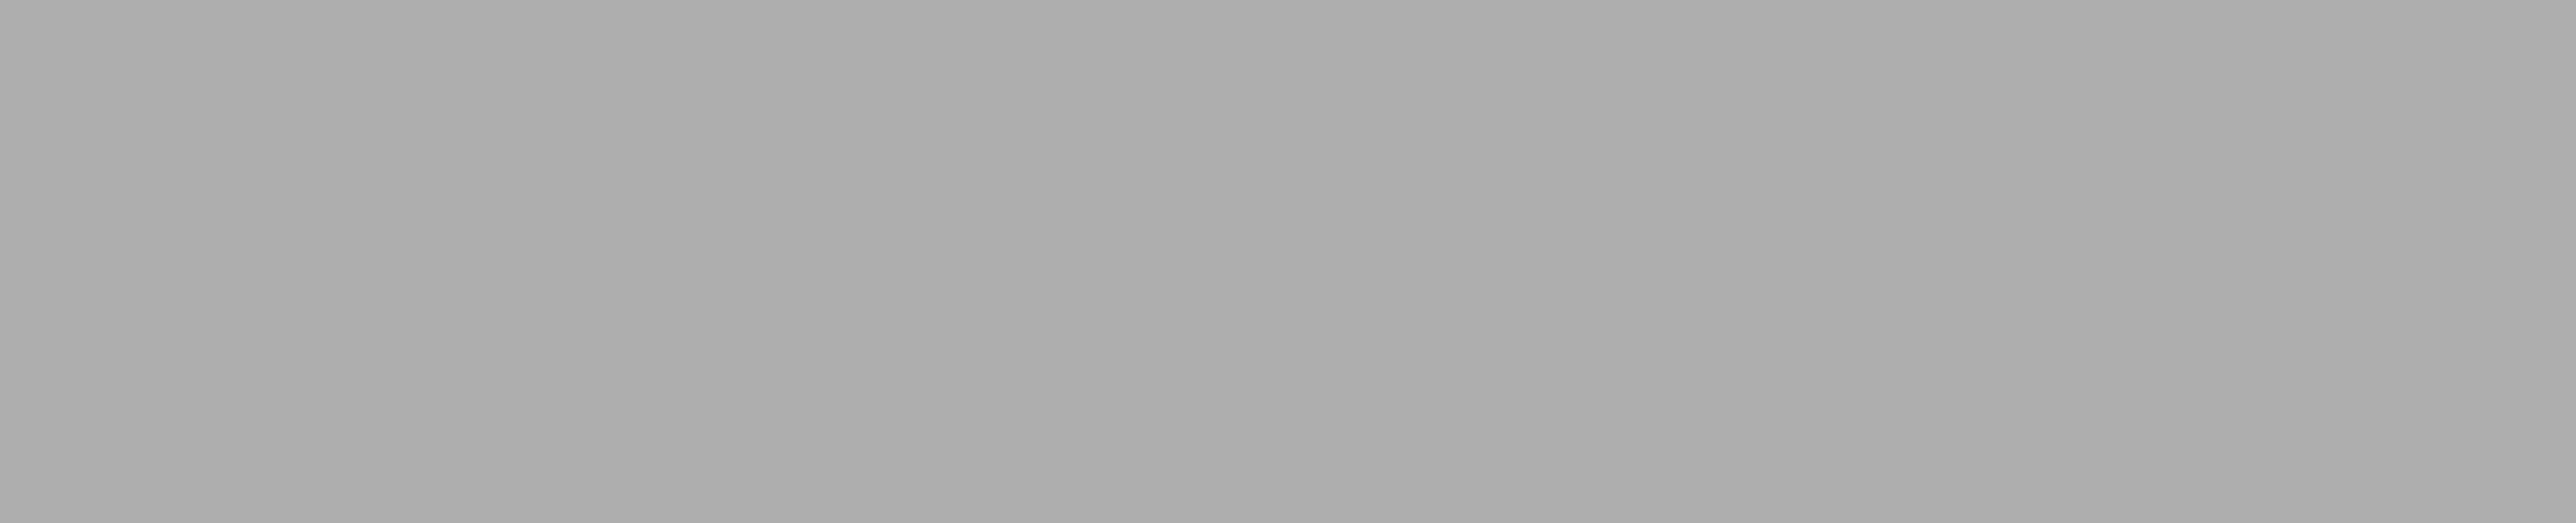 formation münchen Ausstellungsgestaltung